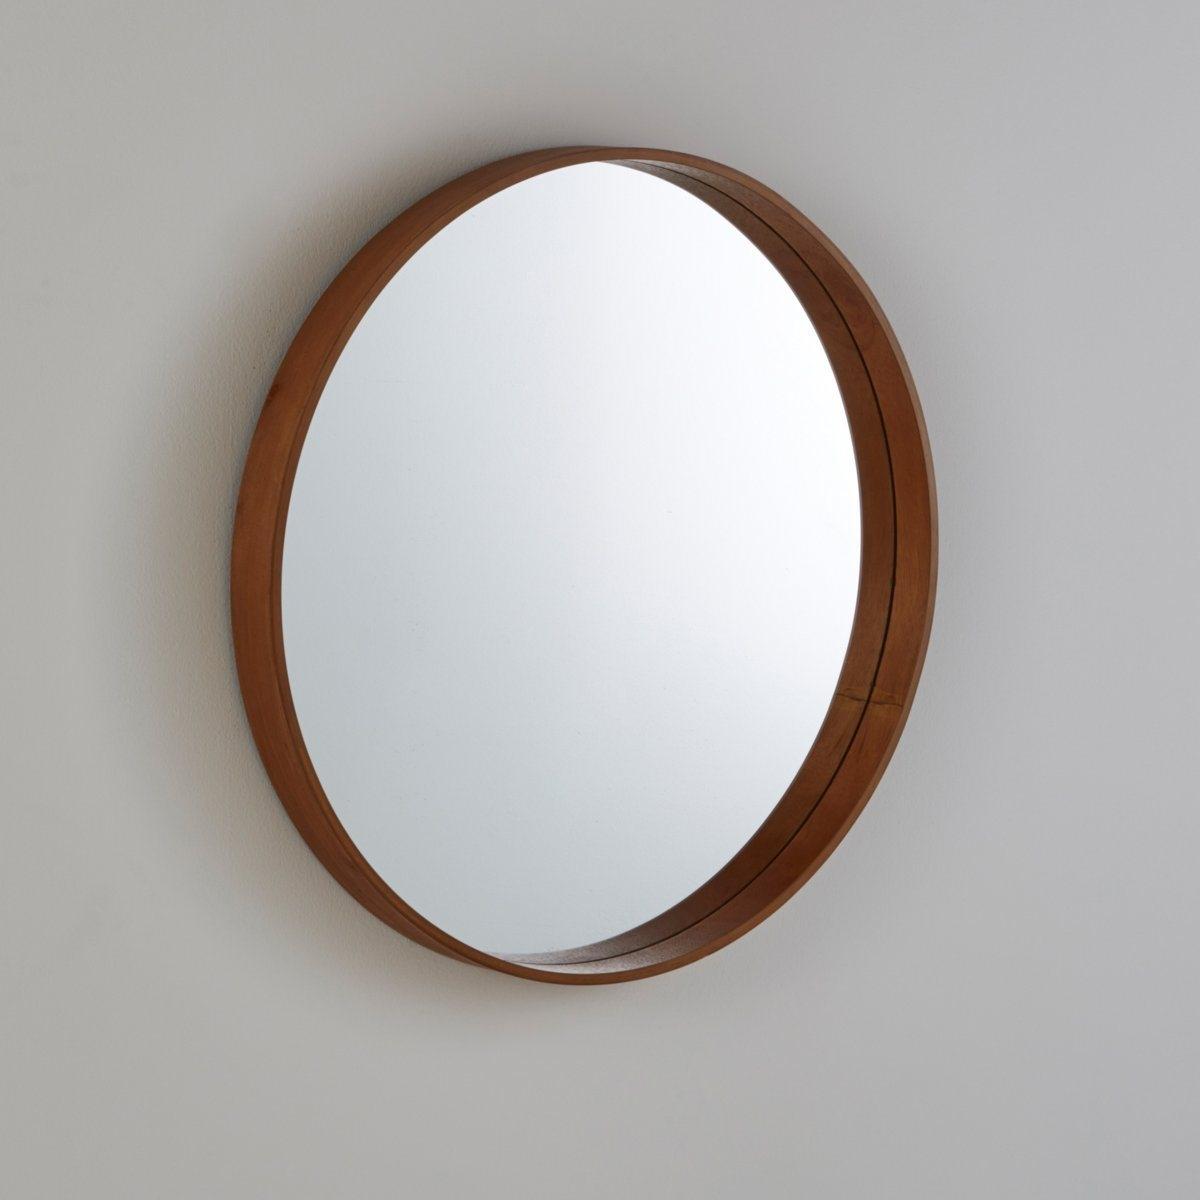 Зеркало AlariaОписание зеркала Alaria:Кргулая форма.Характеристики зеркала Alaria:Каркас из МДФ, отделка плакировкой медового цвета.Найдите все вещи из коллекции Alaria на сайте laredoute.ru.Размеры зеркала Alaria:Общие:Ширина: 59.5 смВысота: 59.5 см.<br><br>Цвет: ореховый<br>Размер: единый размер